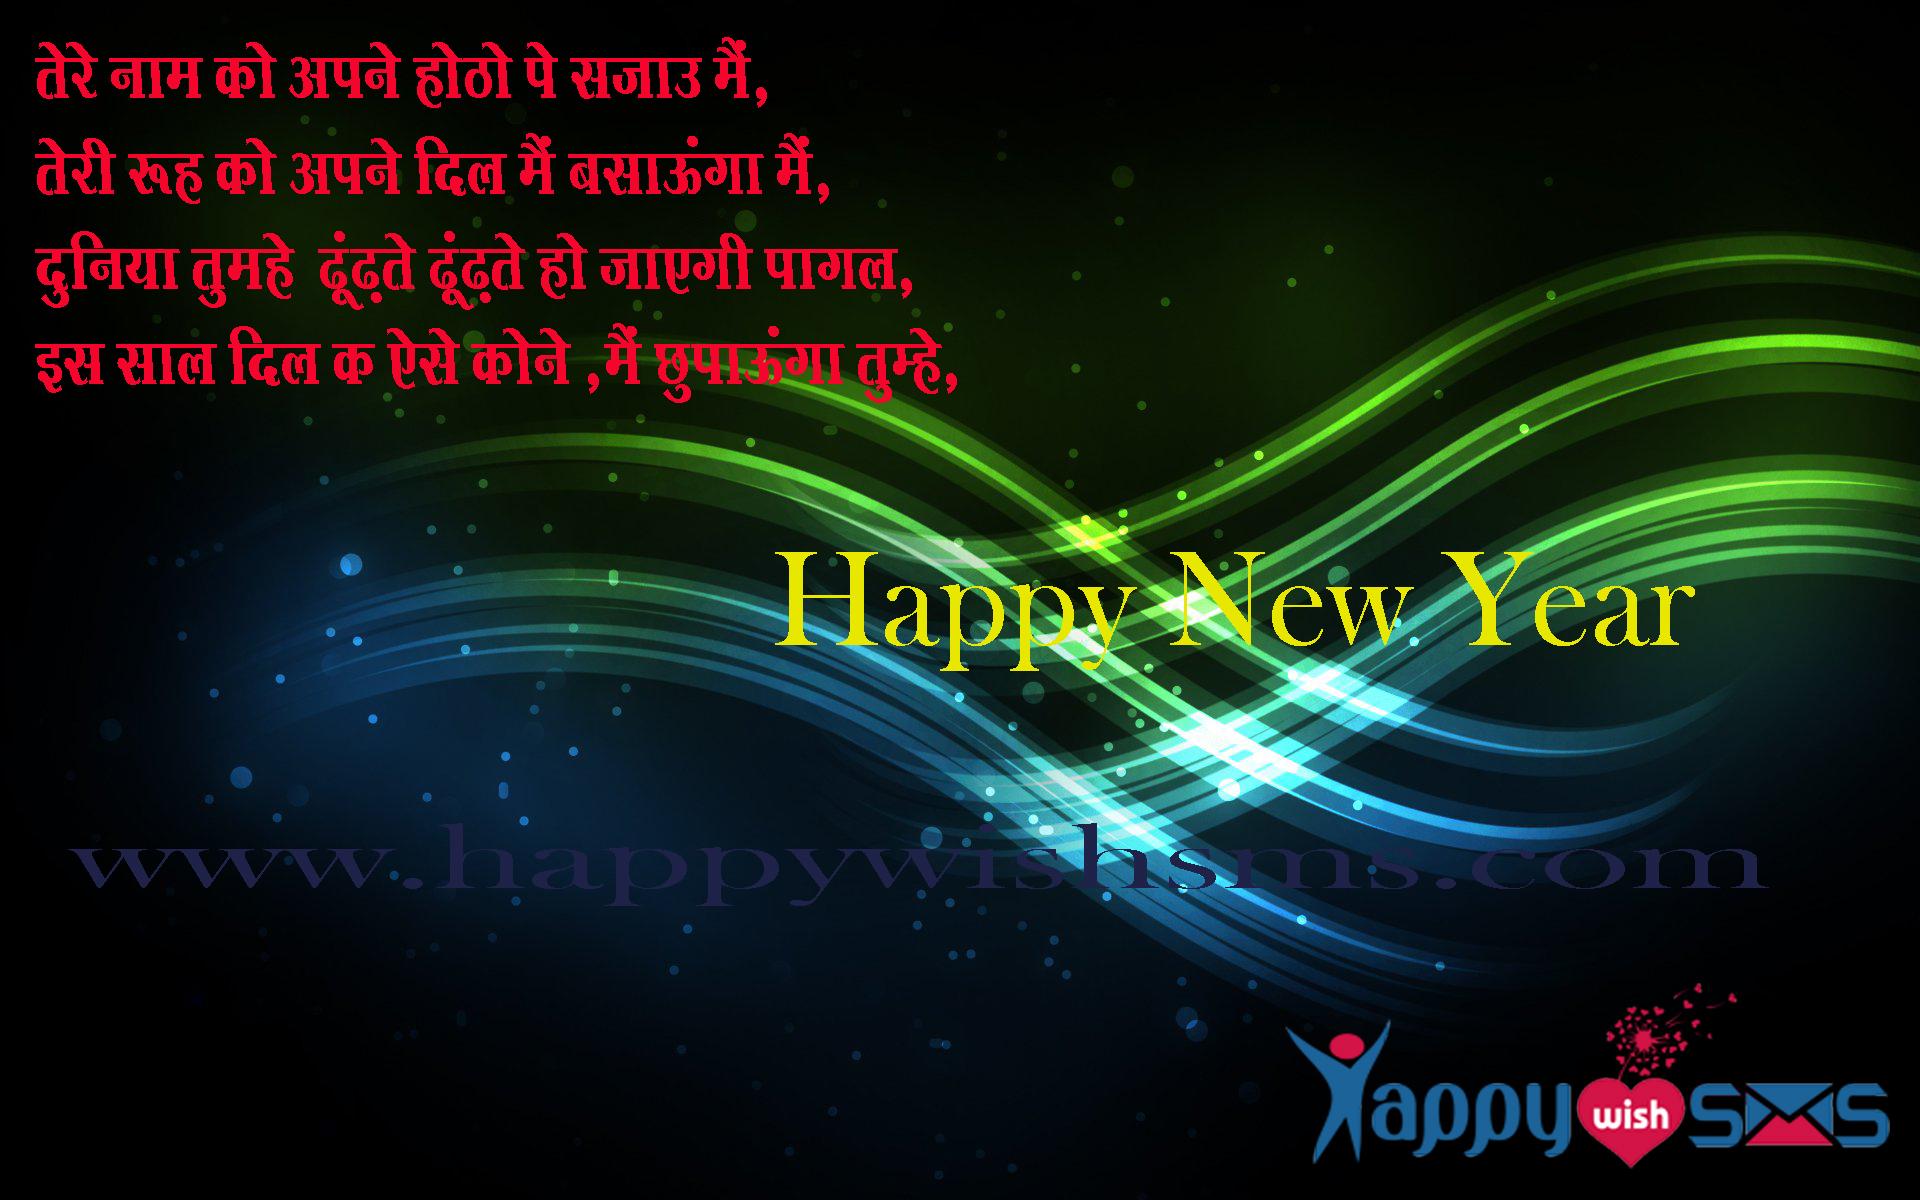 New year wishes :तेरे नाम को अपने होठो पेसजाउमैं,